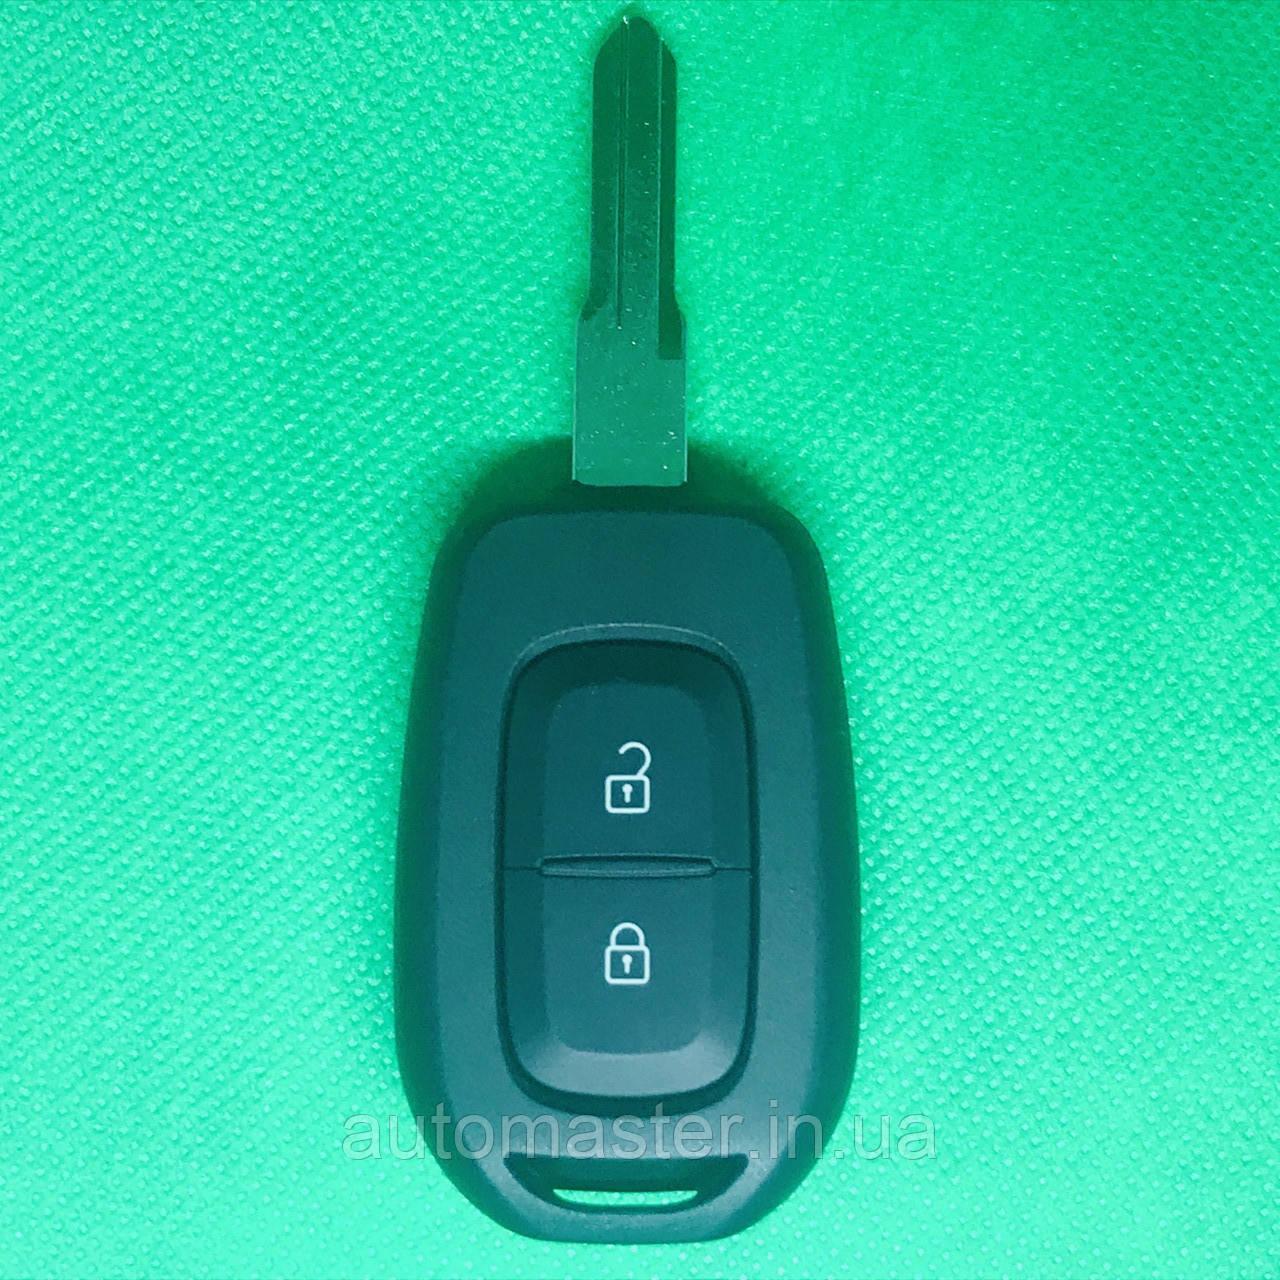 Корпус авто ключа для Renault Logan,Sandero,Duster (Рено) 2 кнопки, лезвие HU136 после 2012 года, с логотипом